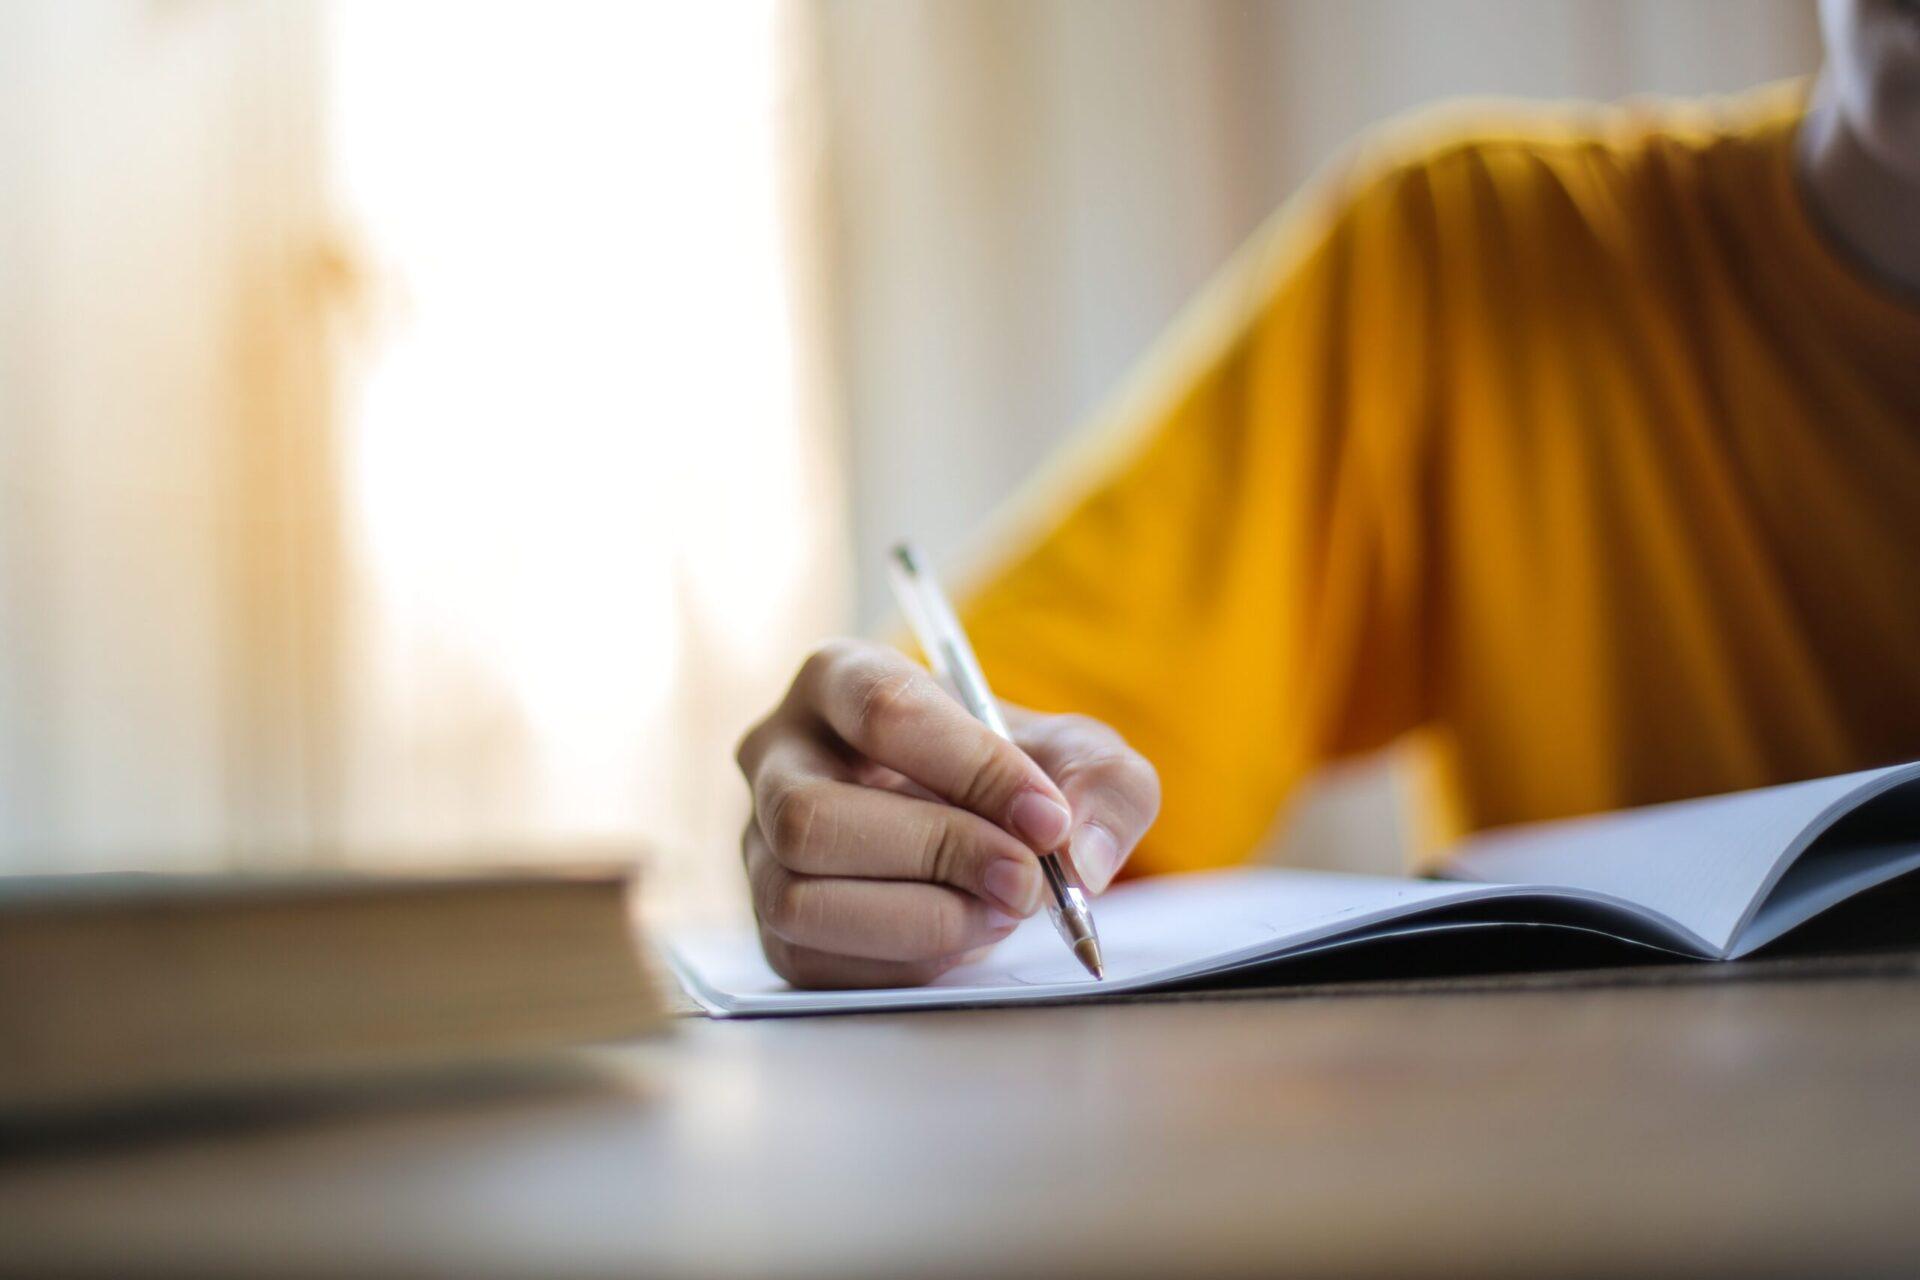 限られた時間の中で勉強量を確実に増やす!医学部受験に失敗しないための勉強法とは?